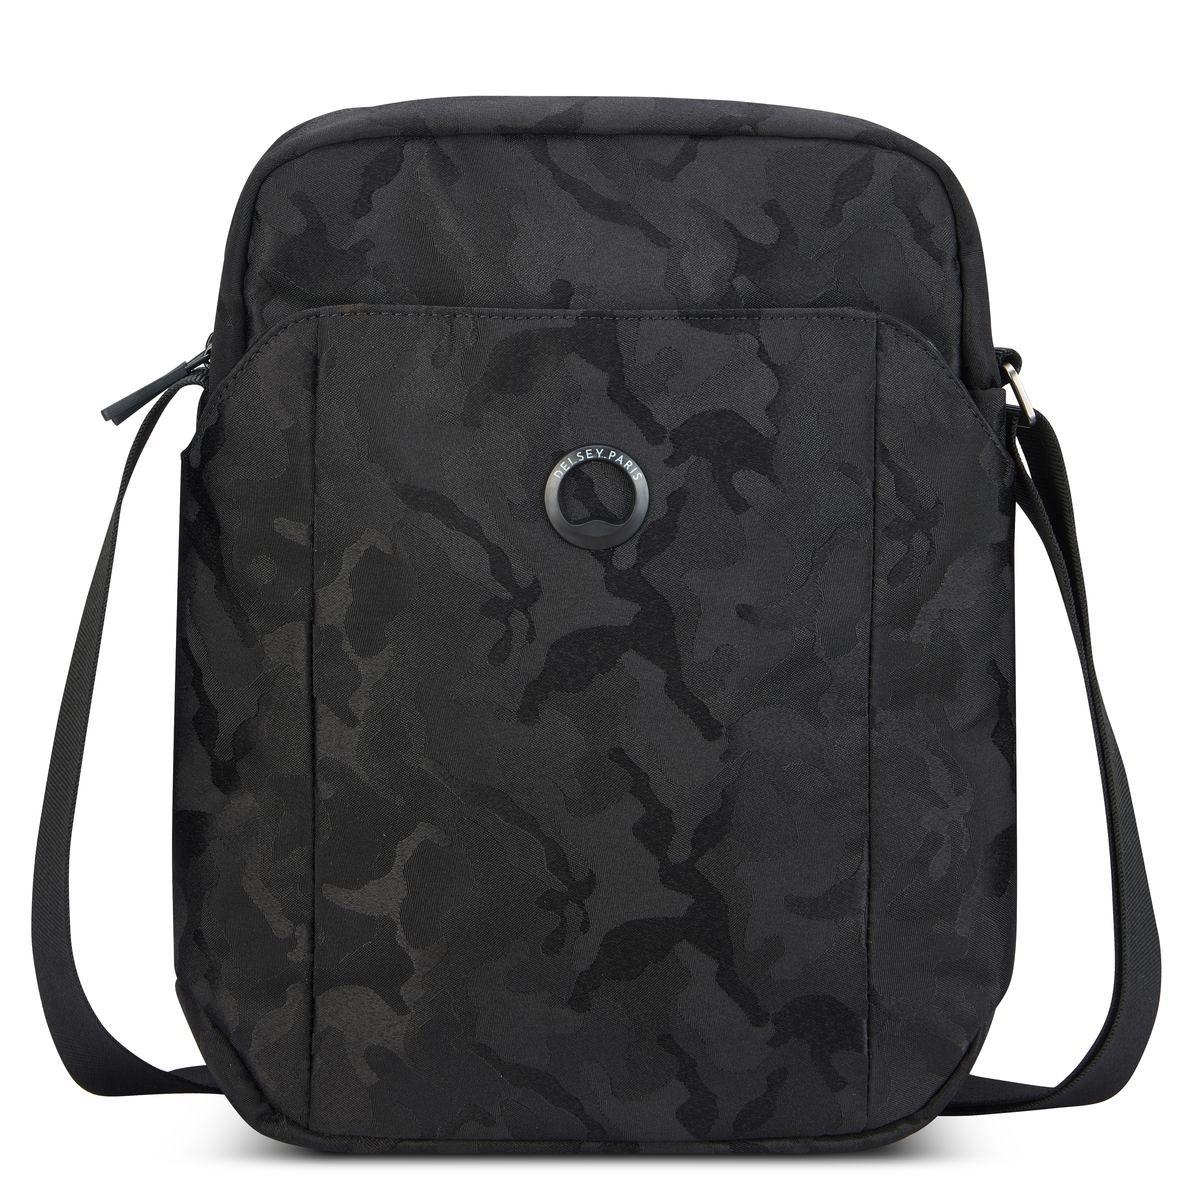 Delsey Τσαντάκι ώμου κάθετο 30x23x8cm 2 θέσεων για tablet 10.1'' σειρά Picpus Black Camouflage